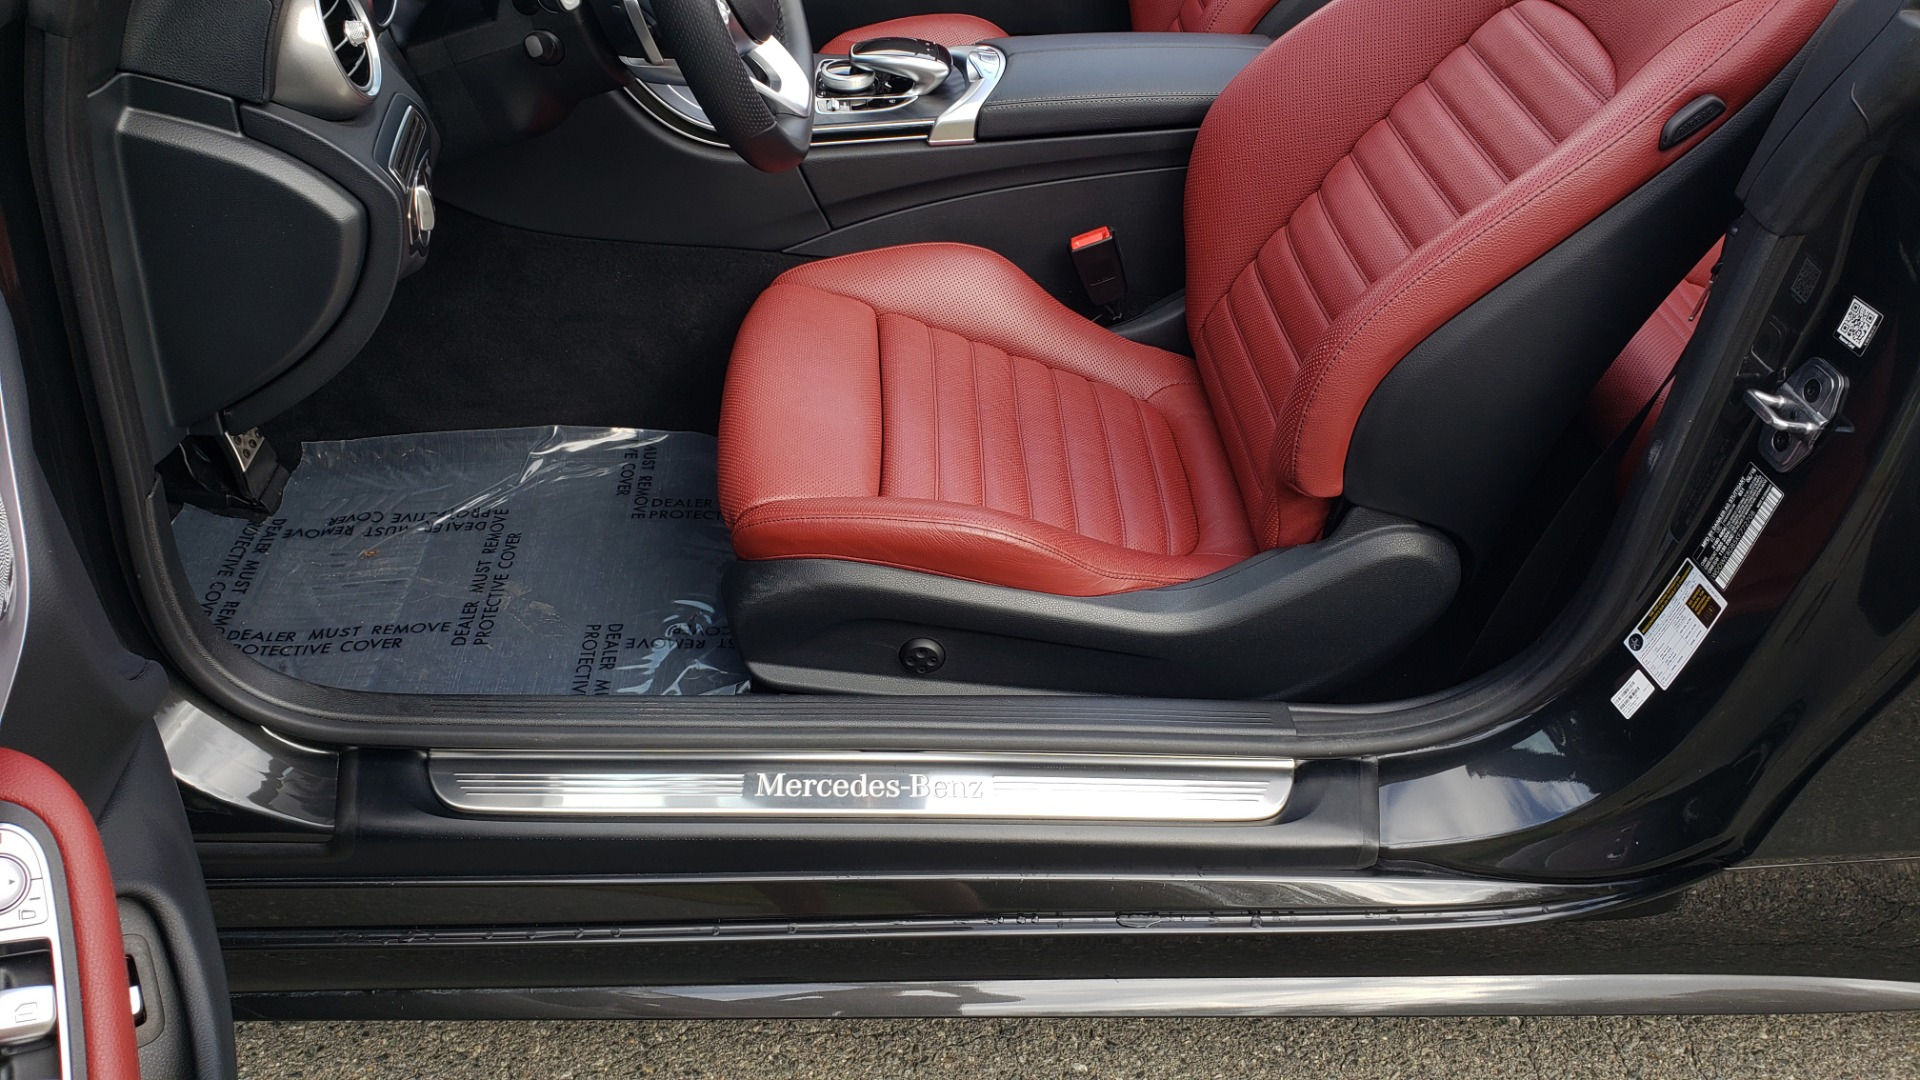 Used 2019 Mercedes-Benz C-CLASS C 300 CABRIOLET / PREM PKG / NAV / BURMESTER / MULTIMEDIA for sale Sold at Formula Imports in Charlotte NC 28227 31